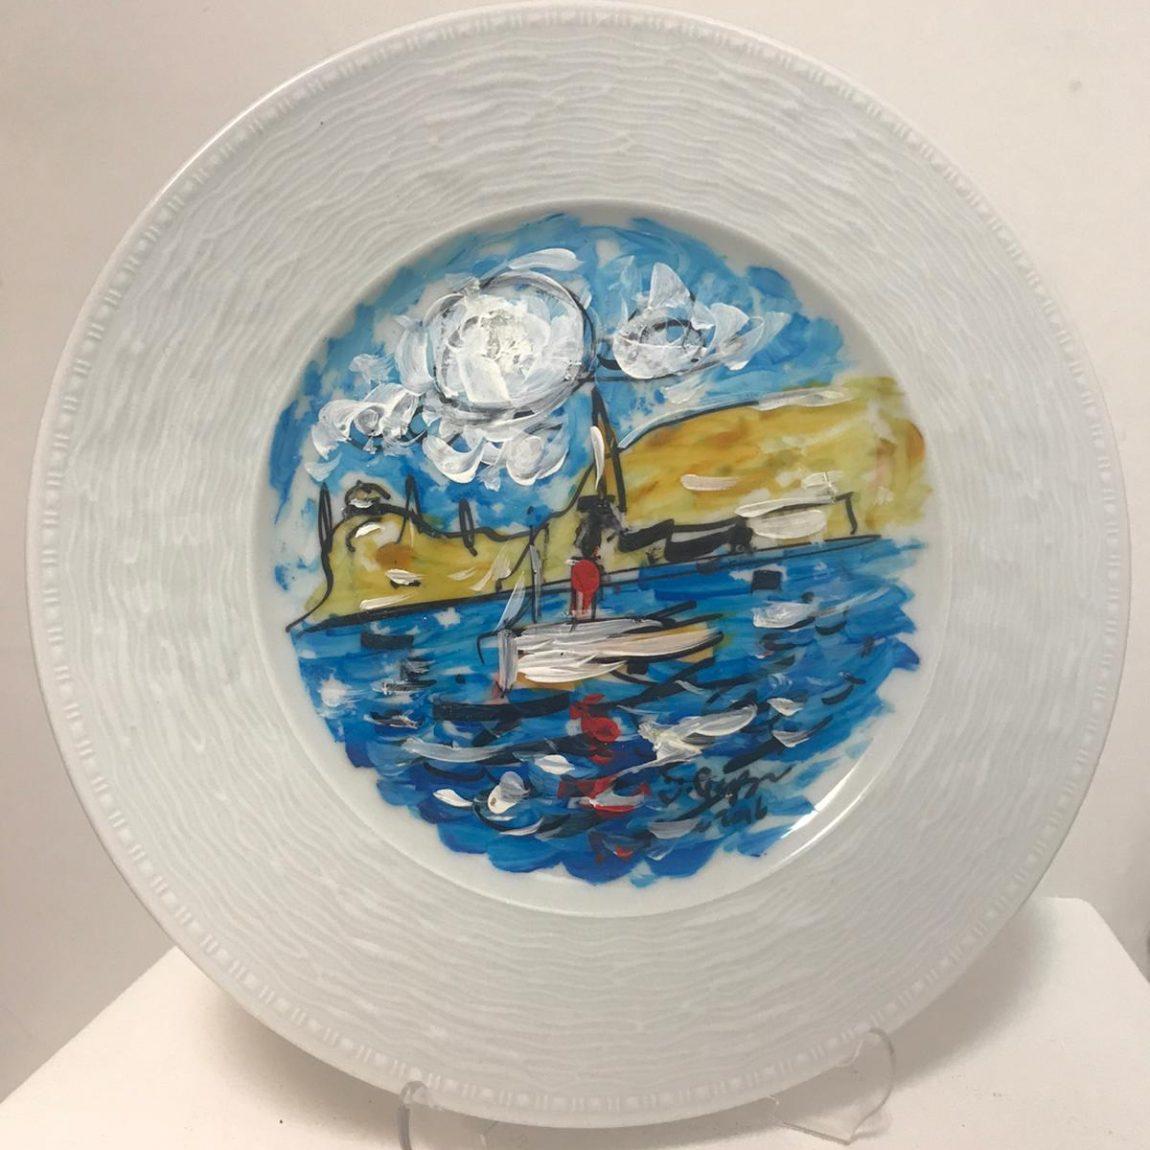 Ümit Gezgin Teknik:Porselen Üzeri Akrilik Fiyat:472 TL